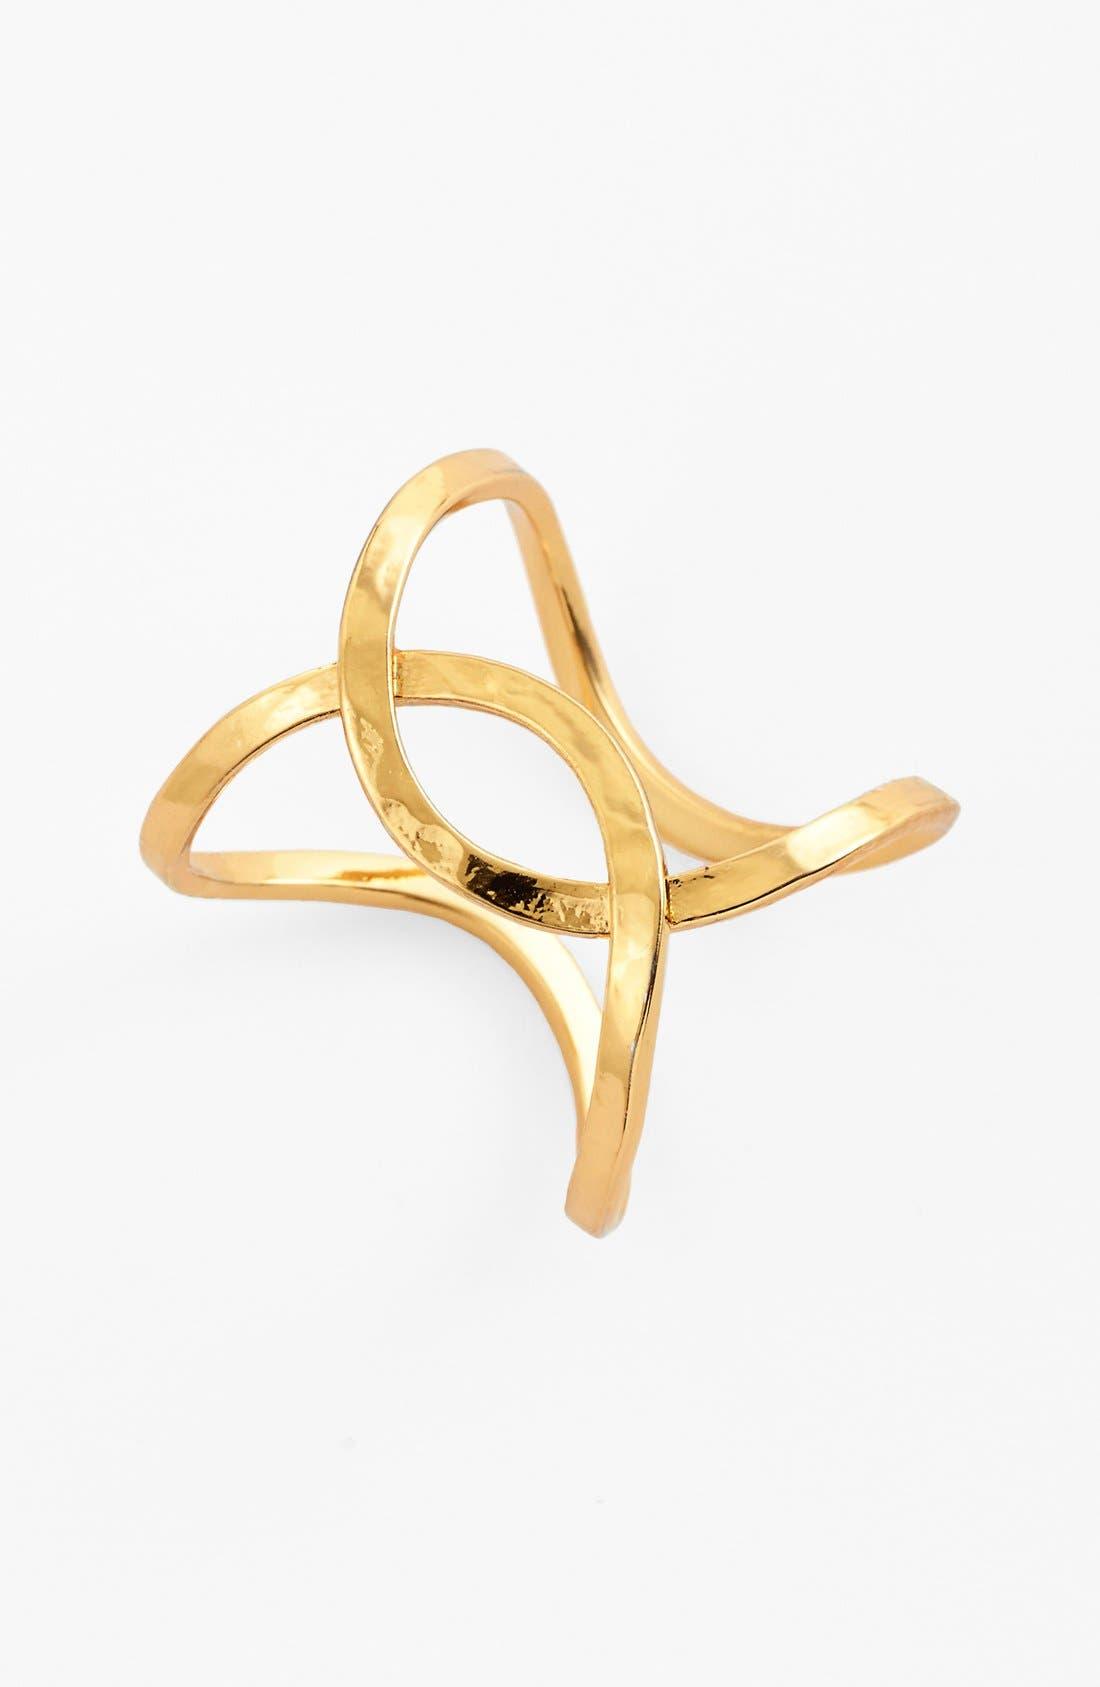 Main Image - gorjana 'Taner' Interlocking Ring